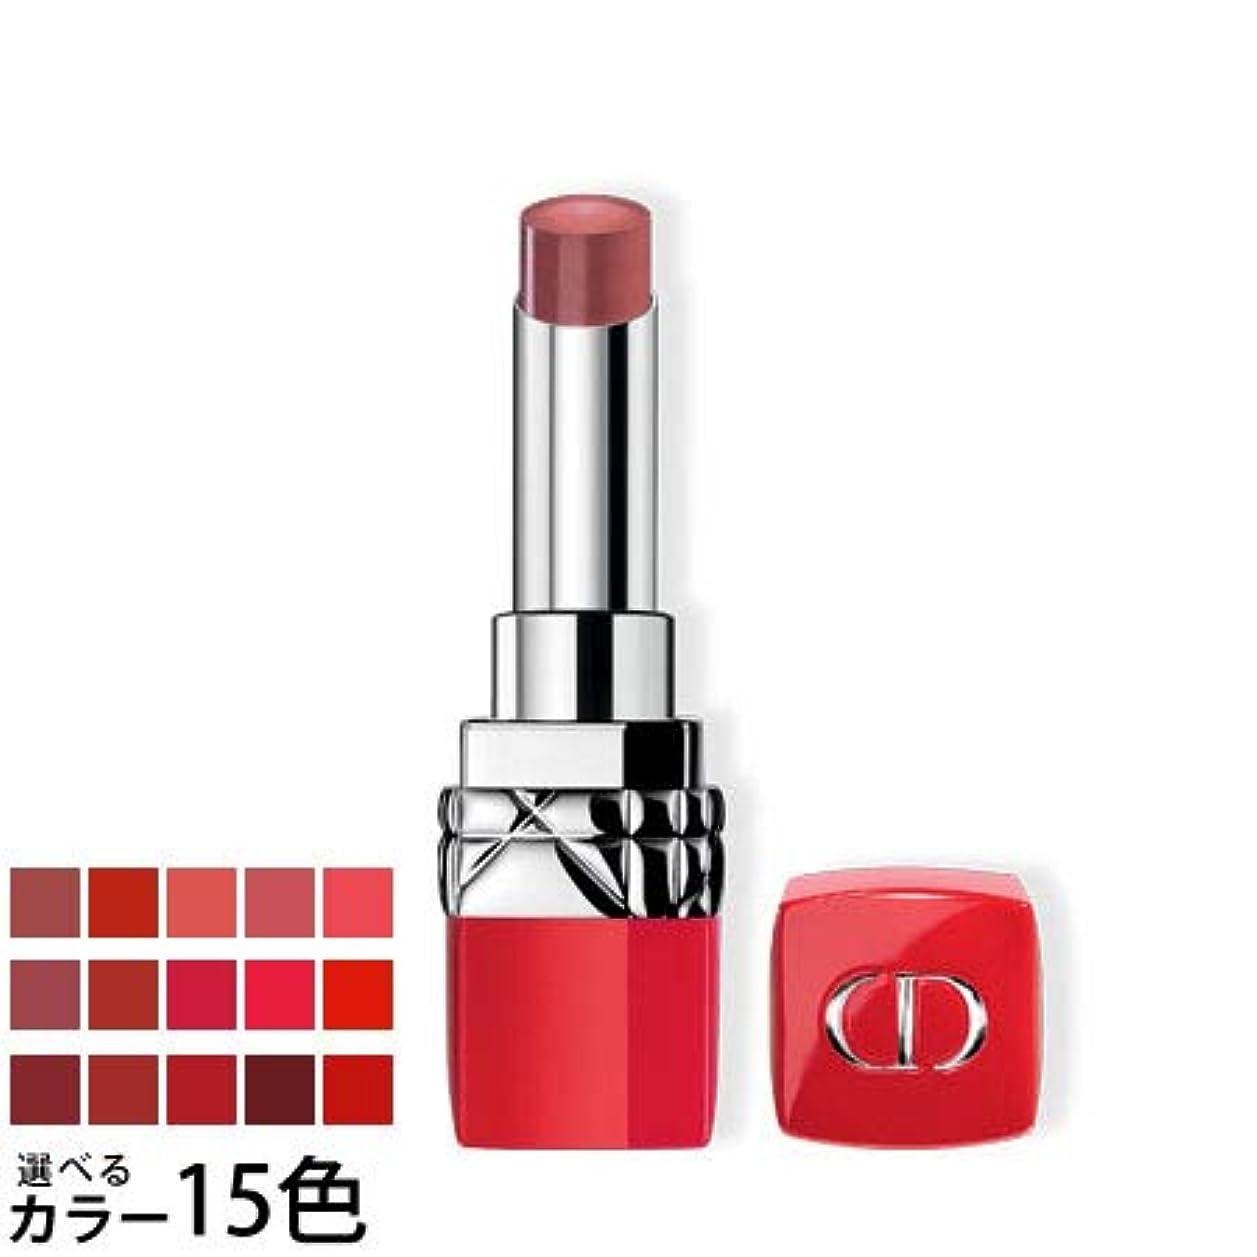 支店パターン群集ディオール ルージュ ディオール ウルトラ ルージュ 選べる15色 -Dior- 851